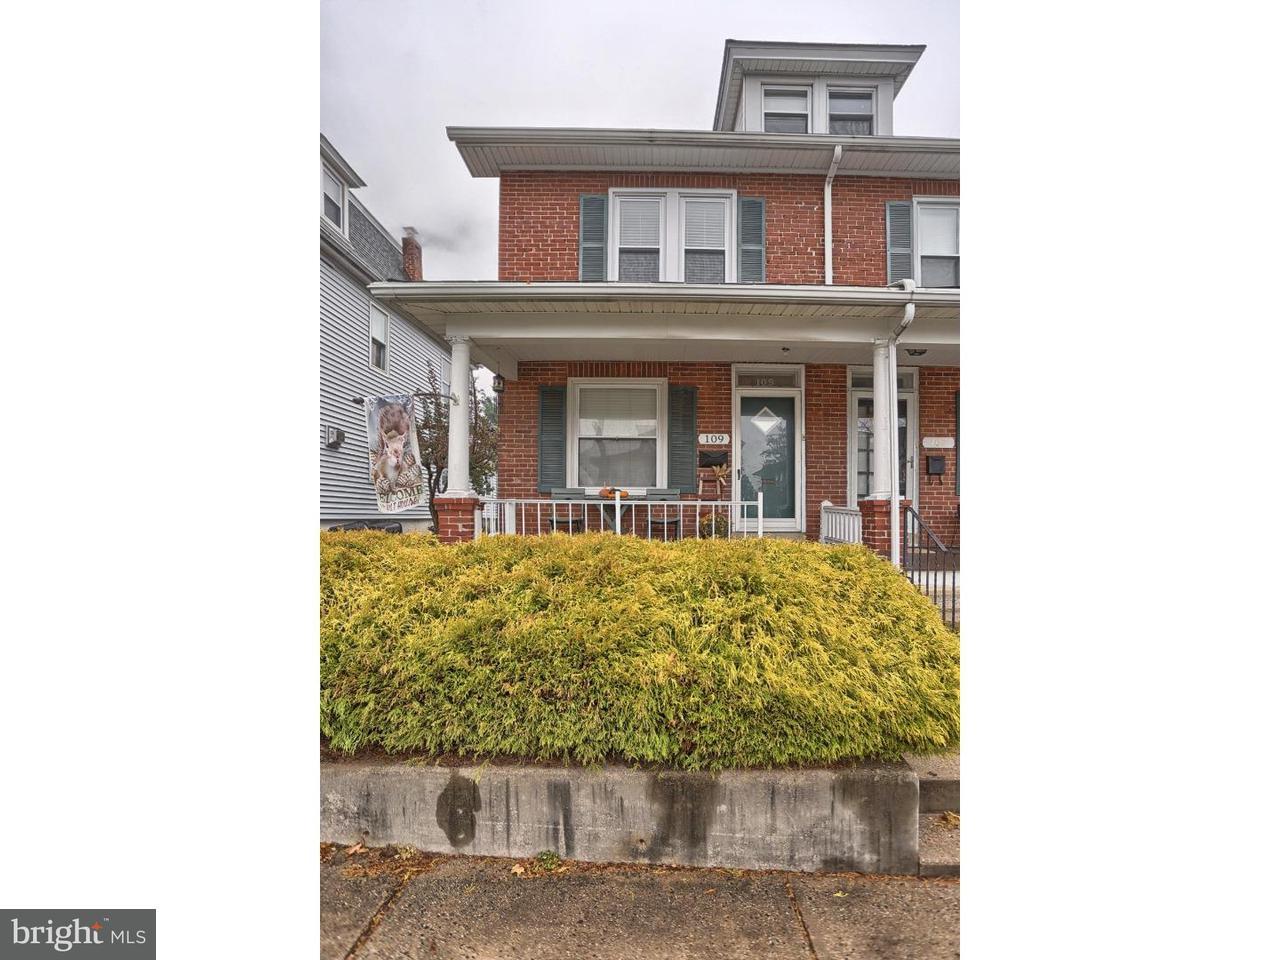 Casa unifamiliar adosada (Townhouse) por un Venta en 109 TELFORD Avenue West Lawn, Pennsylvania 19609 Estados Unidos